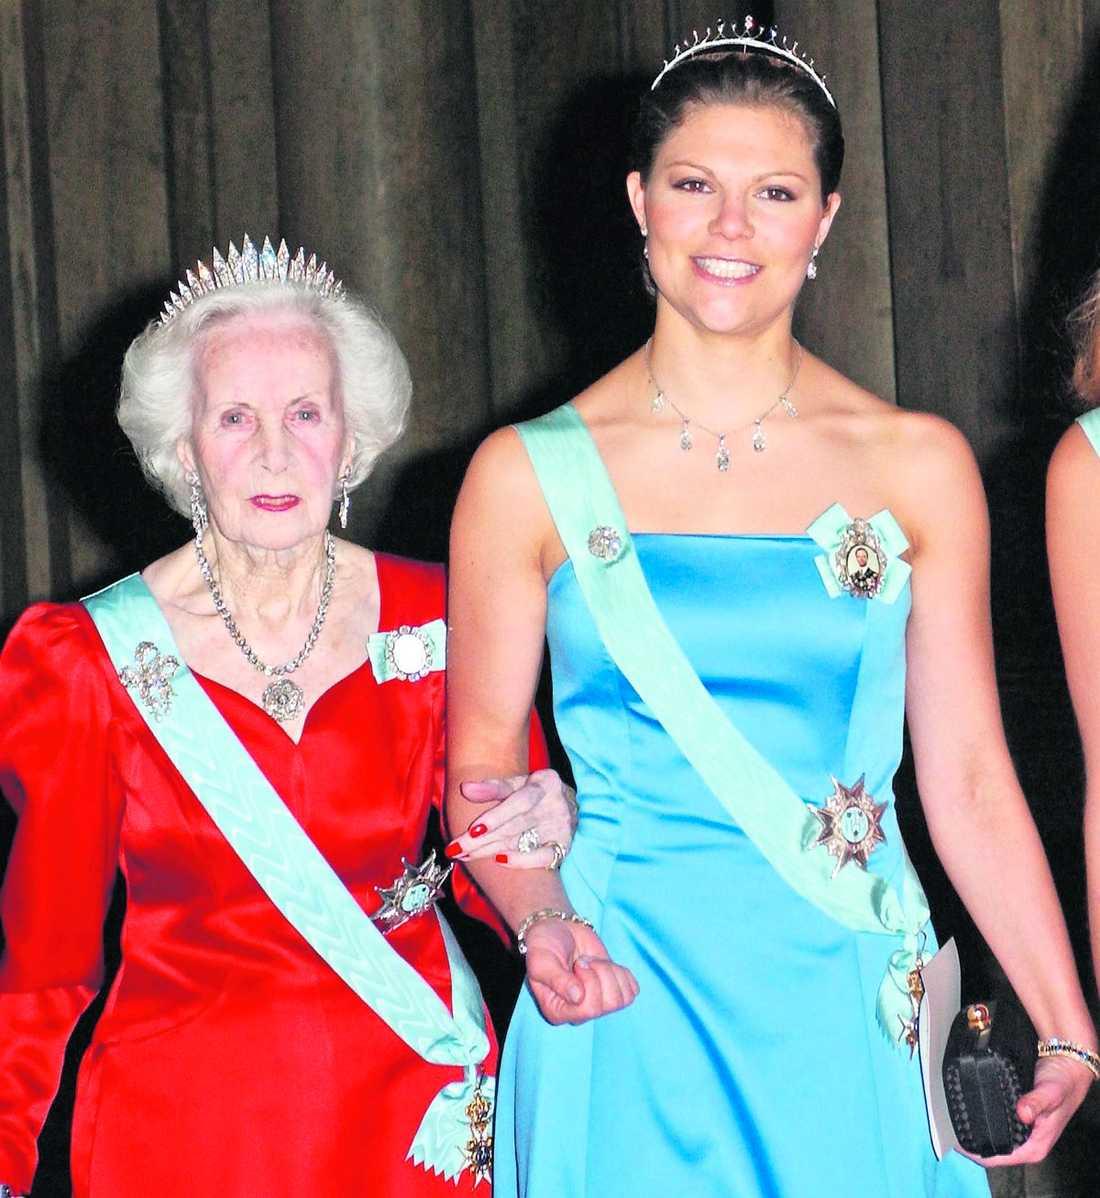 HAR BLIVIT SÄMRE Prinsessan Lilian har inte varit med vid officiella sammanhang på ett par år och har sedan en tid mått allt sämre. Här är hon tillsammans med Victoria vid en representationsmiddag på slottet 2005. Enligt hennes hovmarskalk lider hon av demenssjukdomen alzheimer.